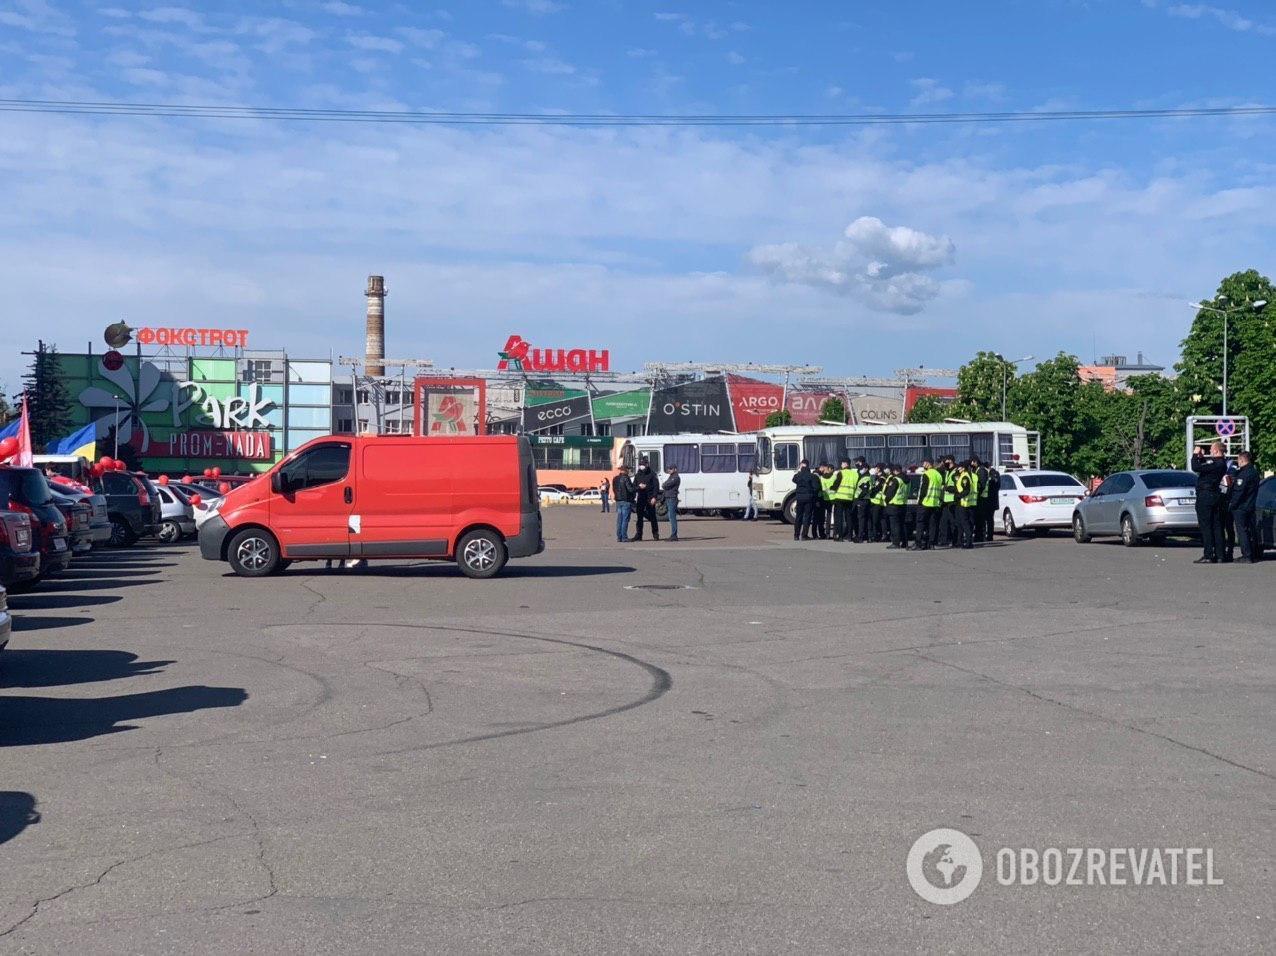 Партія Шарія влаштувала автопробіг у Києві